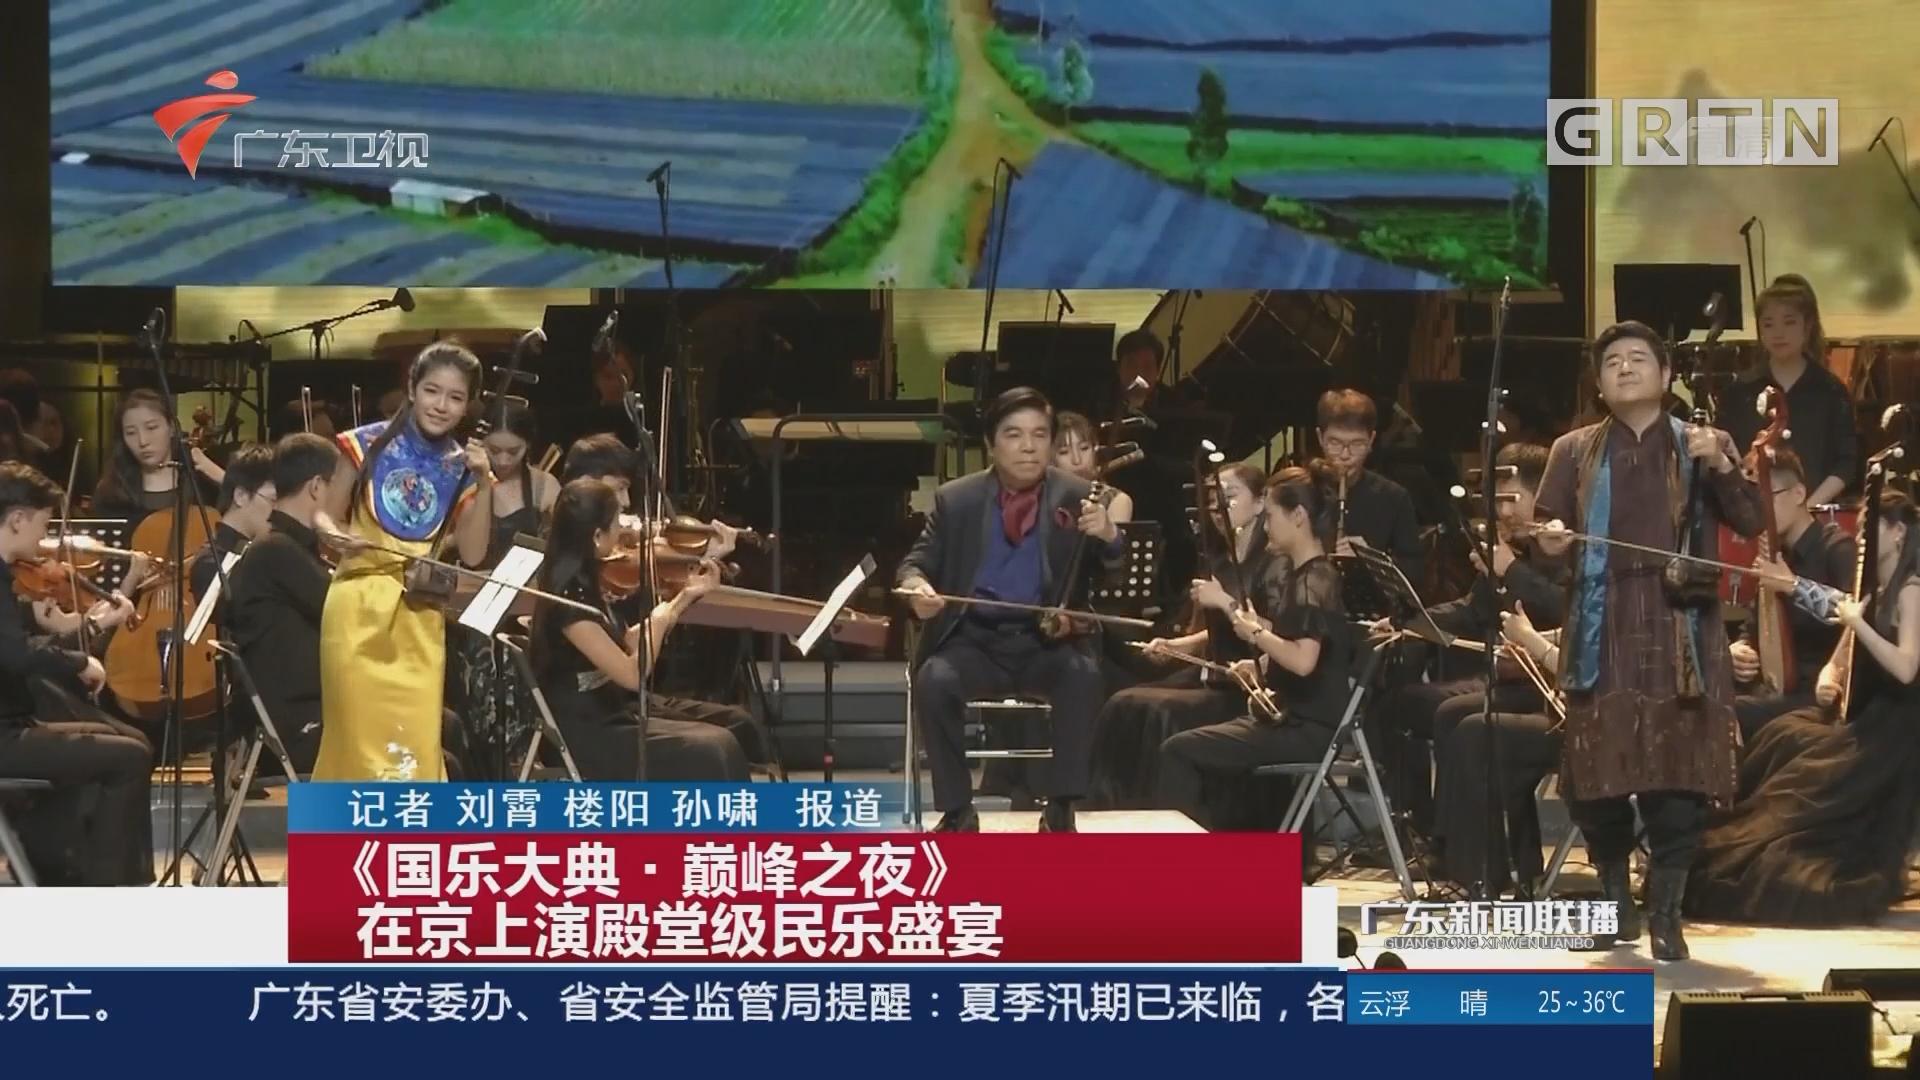 《国乐大典·巅峰之夜》在京上演殿堂级民乐盛宴